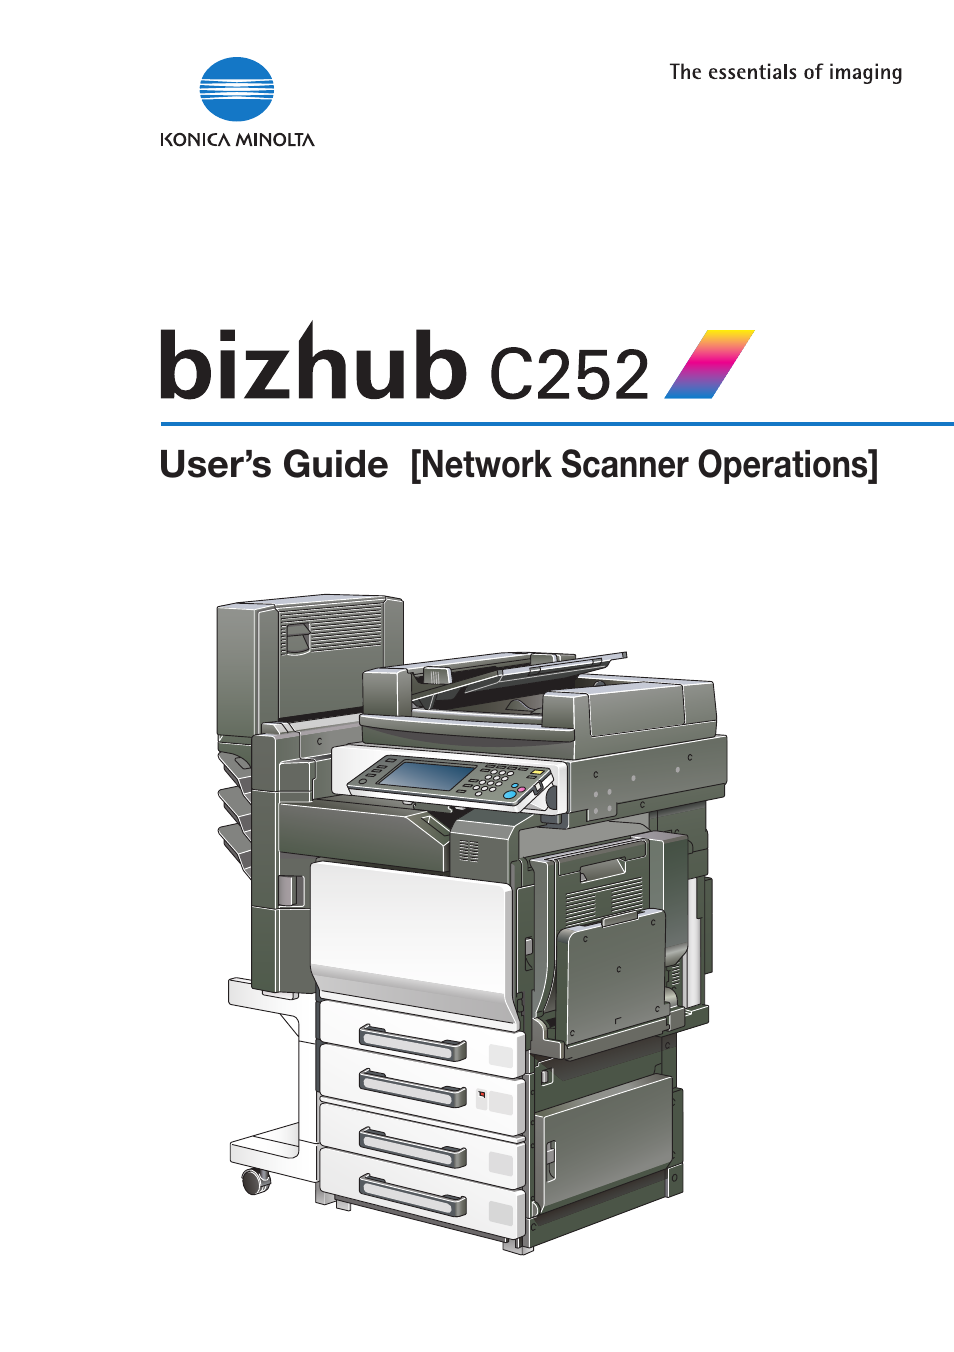 konica minolta bizhub c252 user manual 396 pages rh manualsdir com konica bizhub 363 user manual Konica Minolta Bizhub